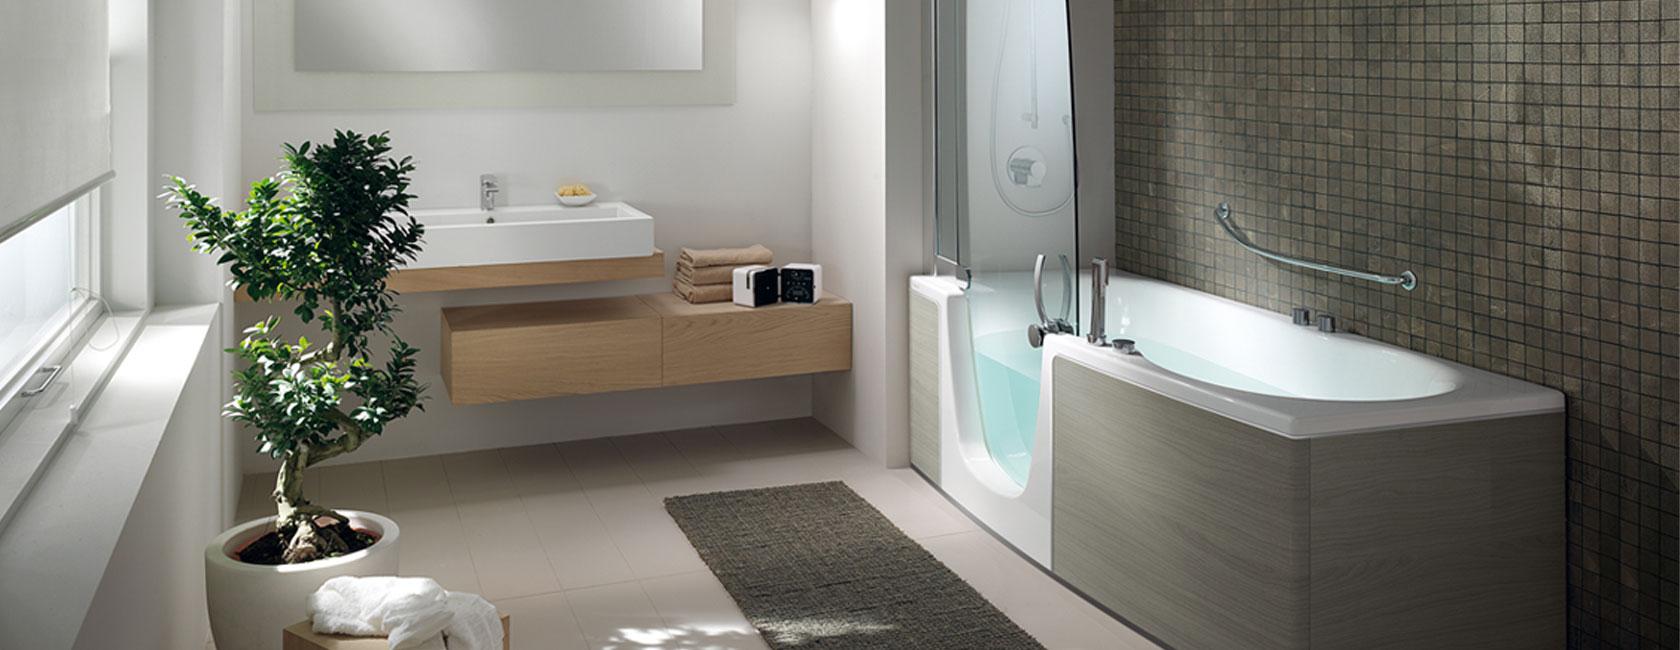 vasca doccia combinata personalizzata